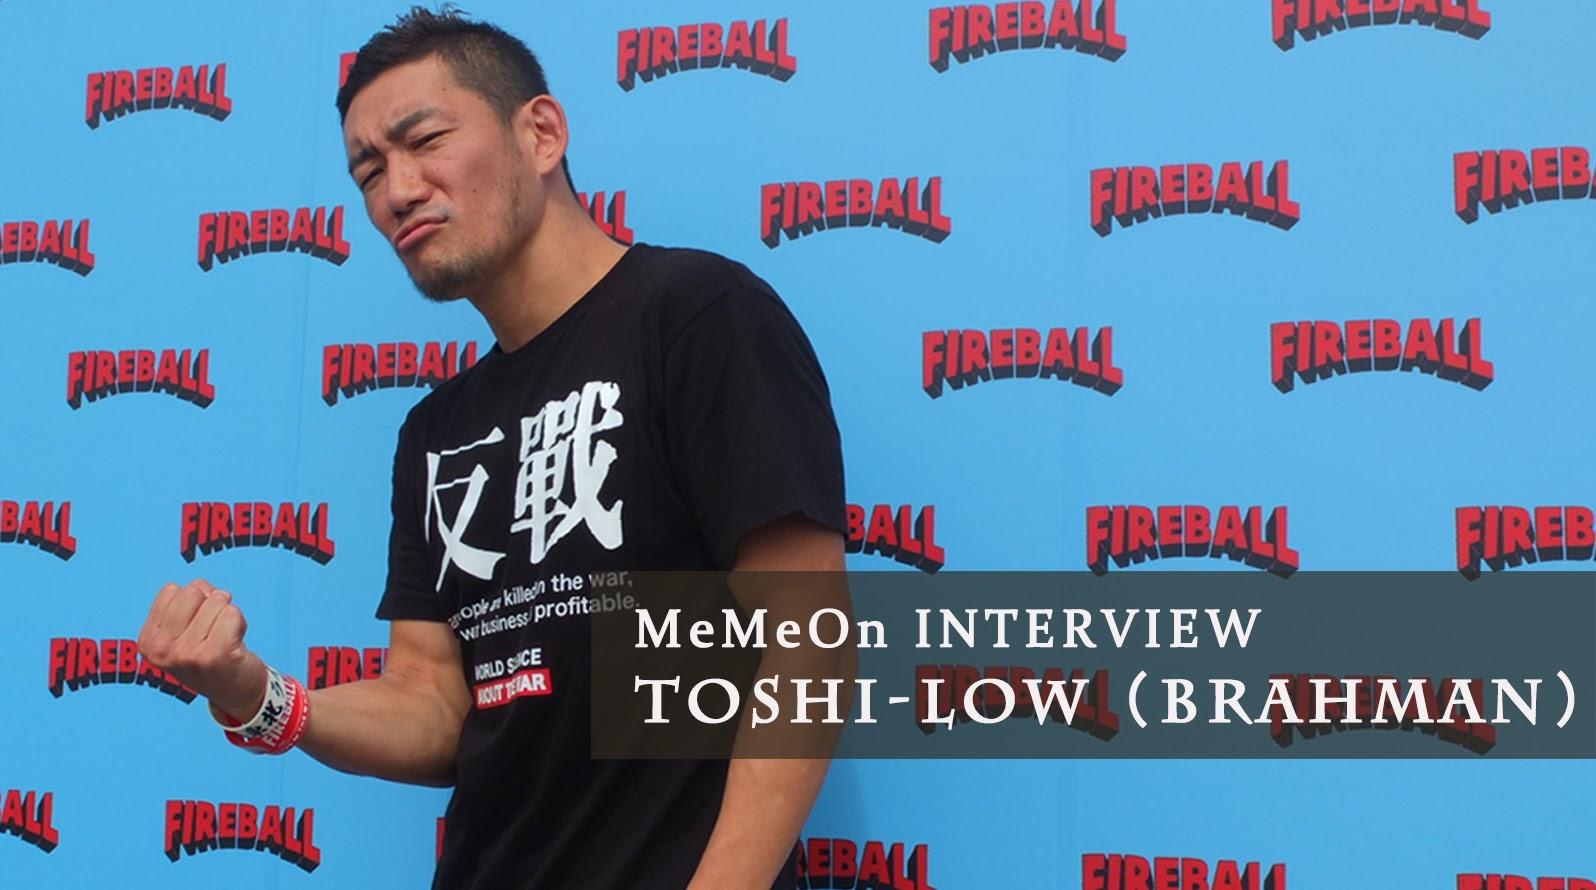 TOSHI-LOW(BRAHMAN) MeMeOnインタビュー(1)